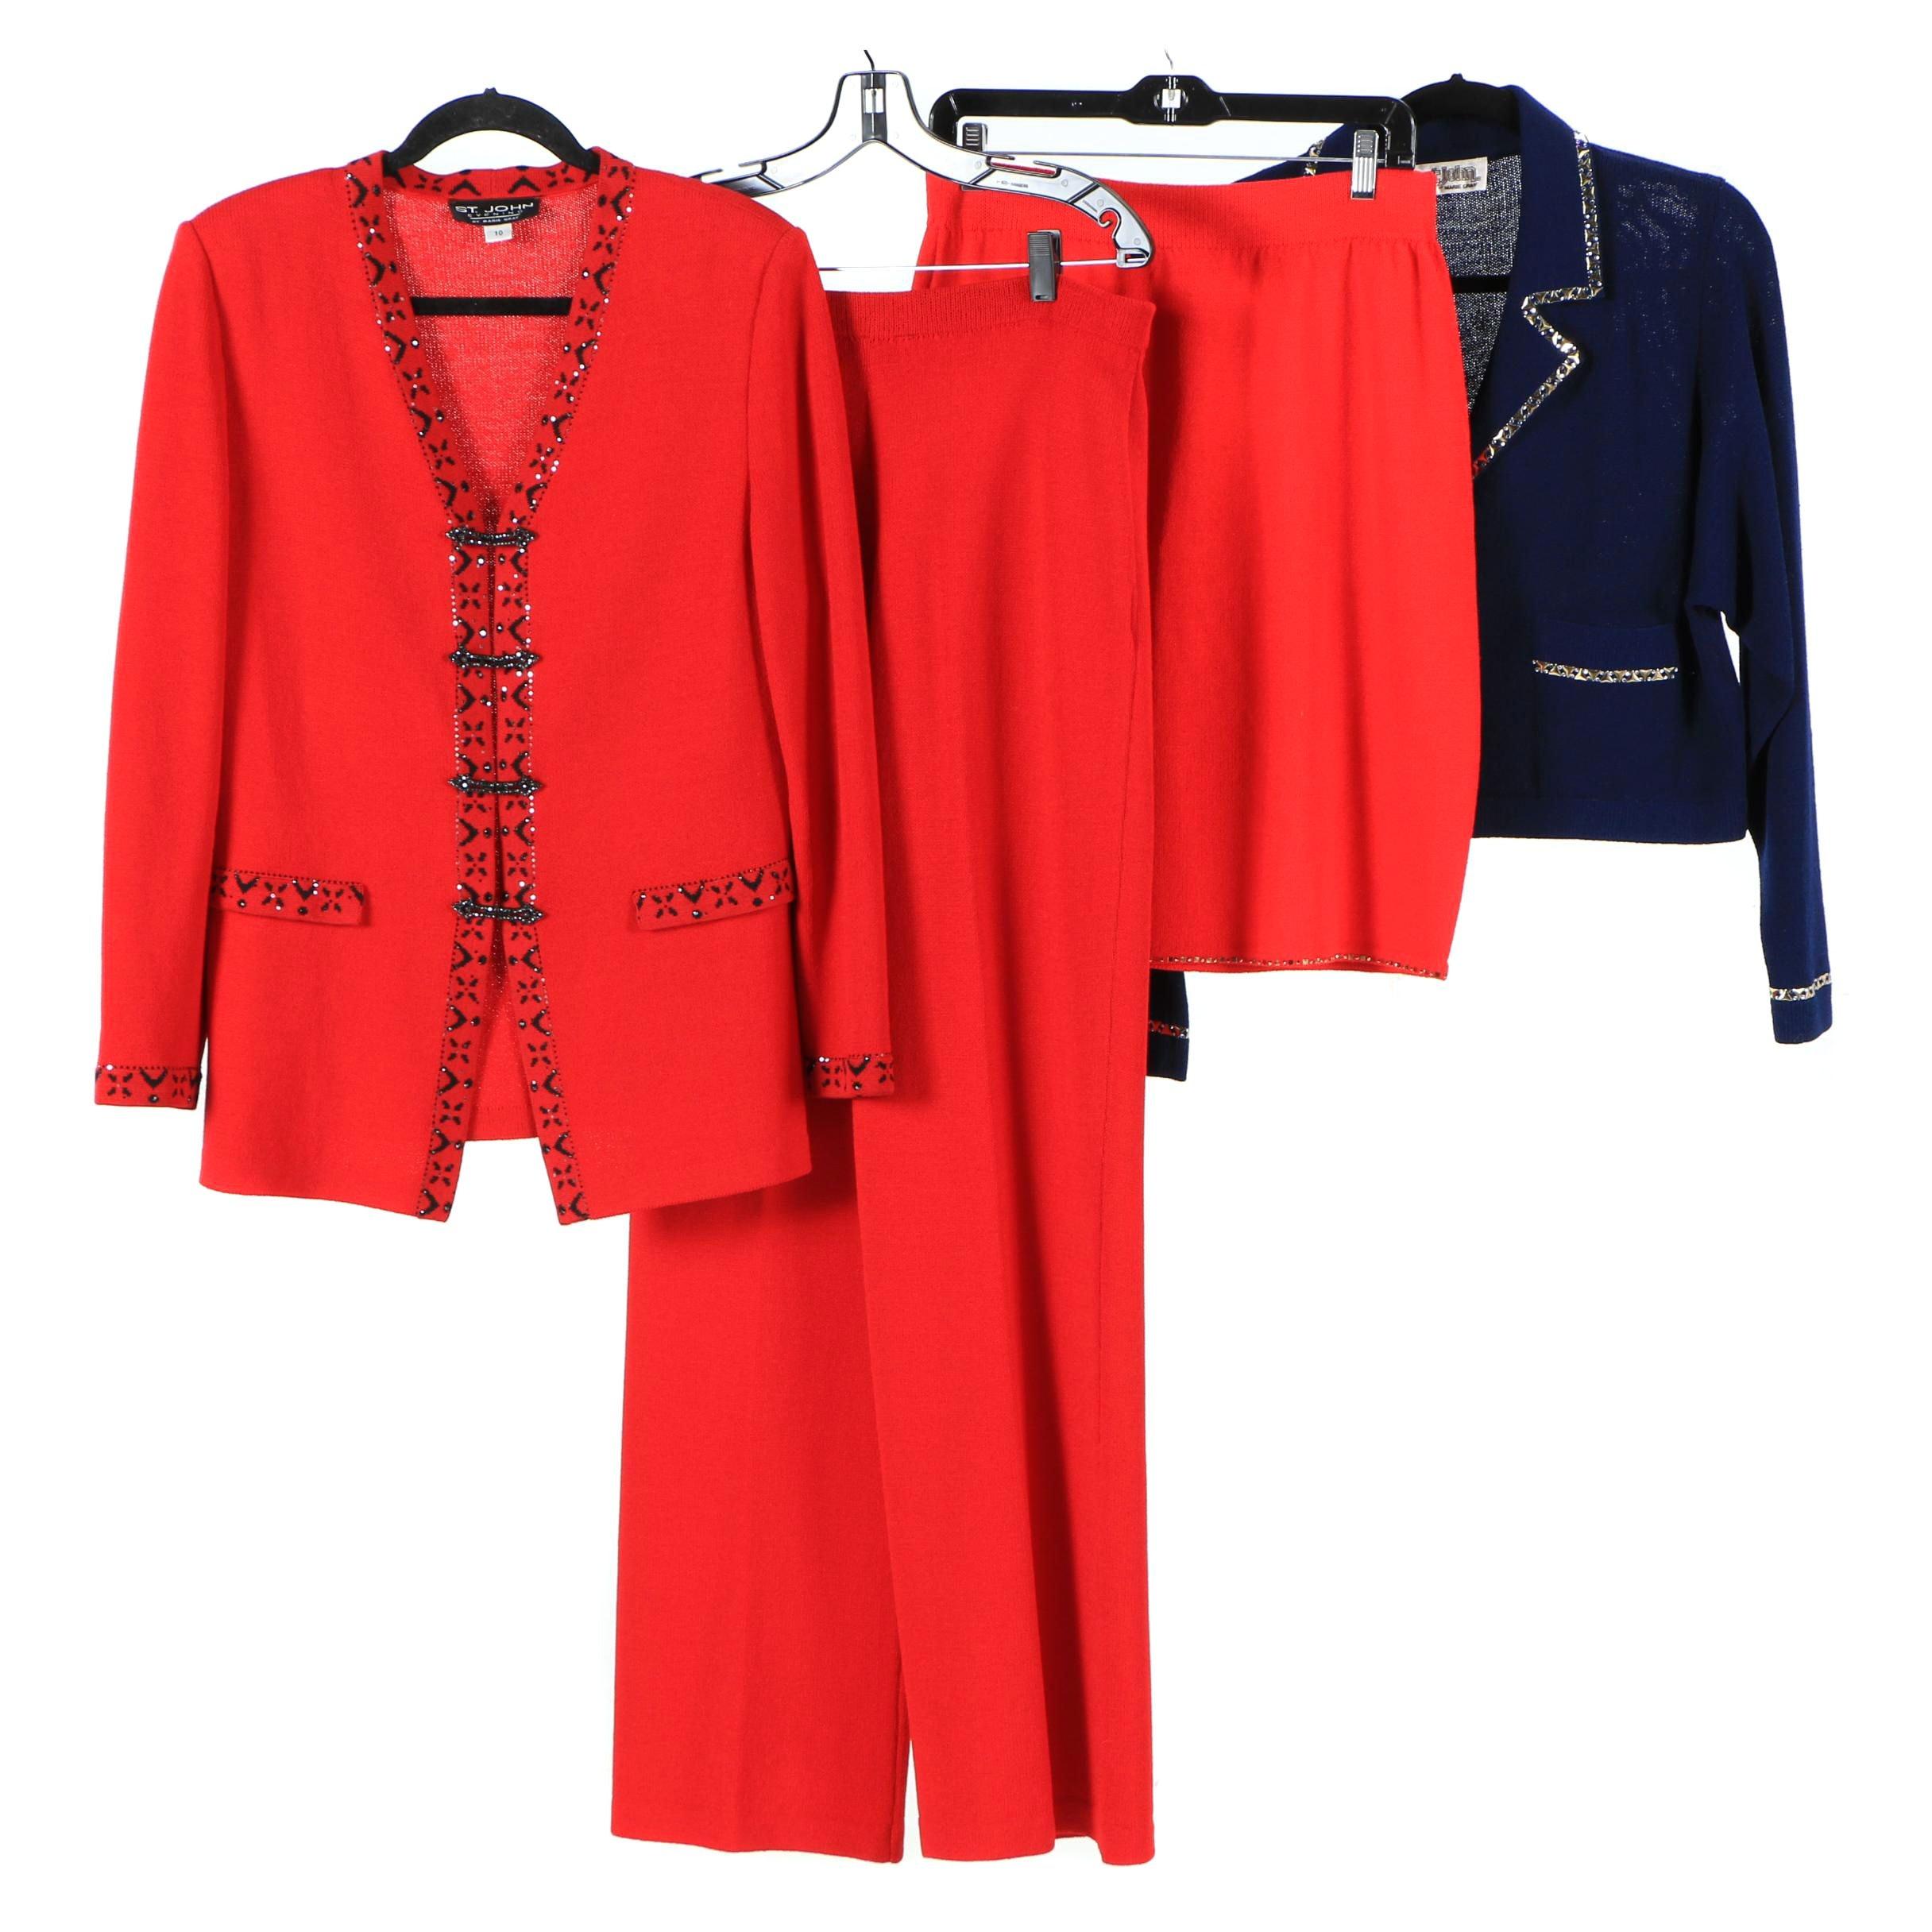 St. John Brand Knitwear